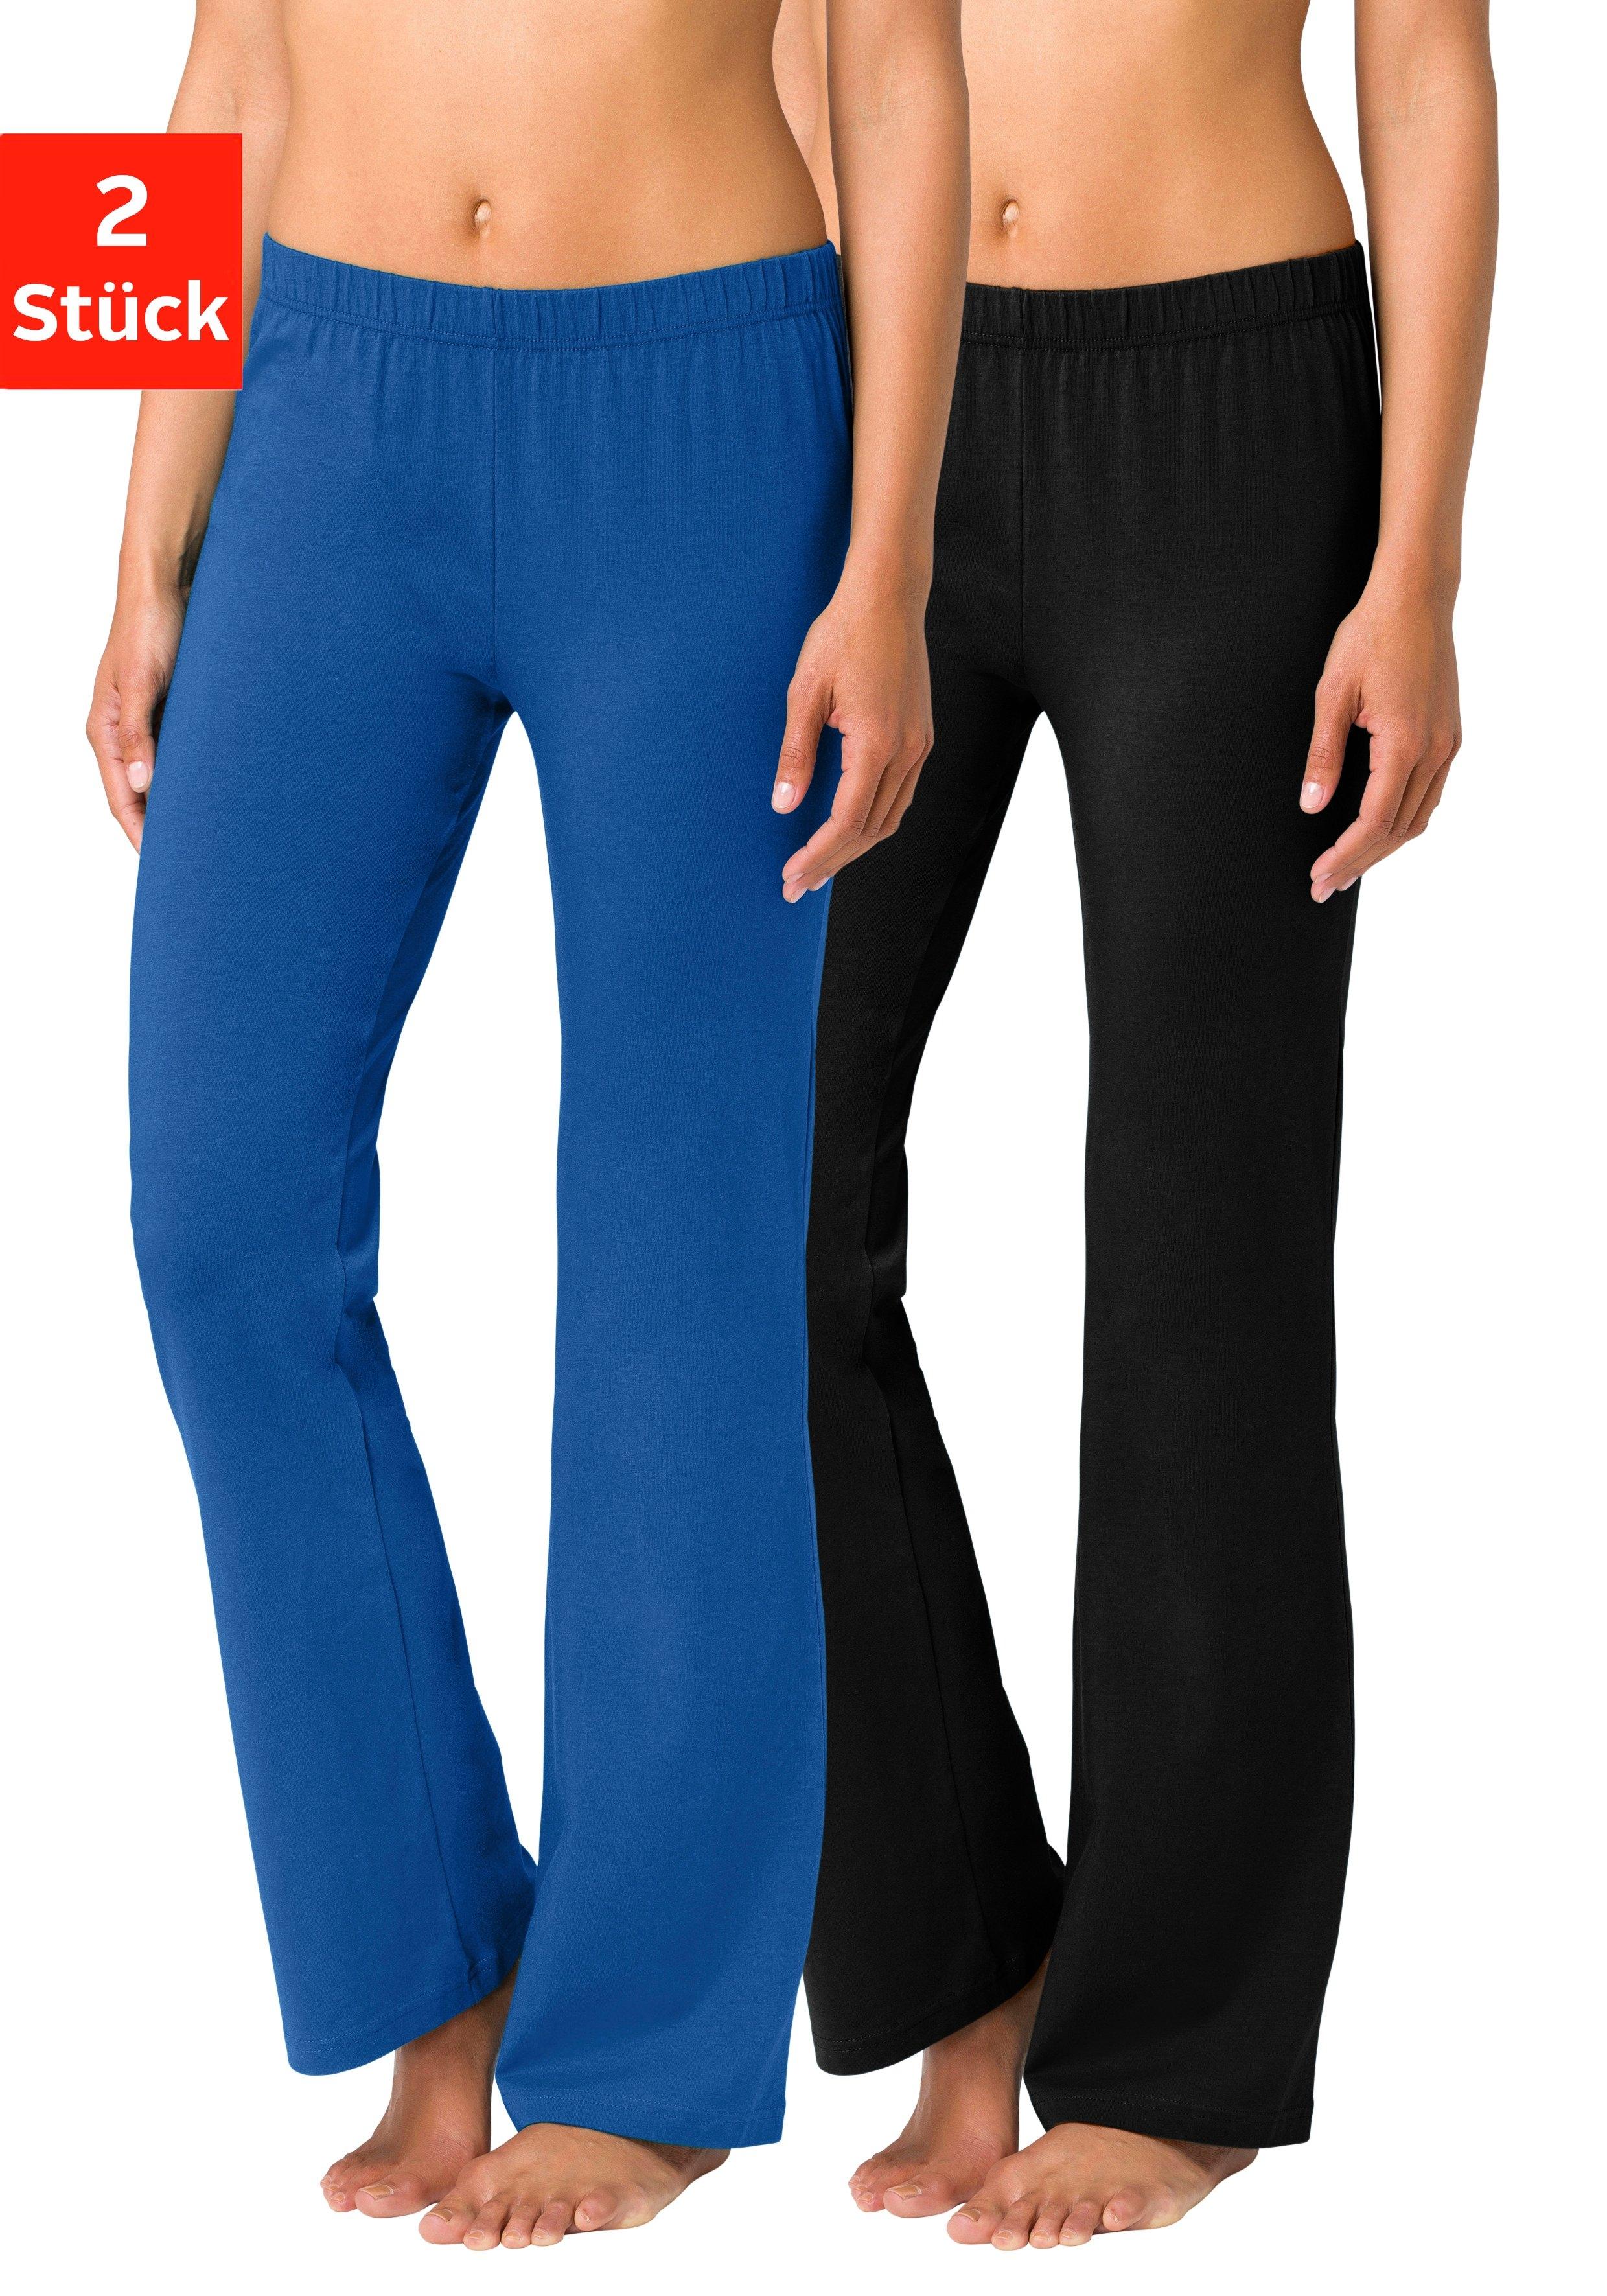 Vivance Basic legging, set van 2 bestellen: 30 dagen bedenktijd